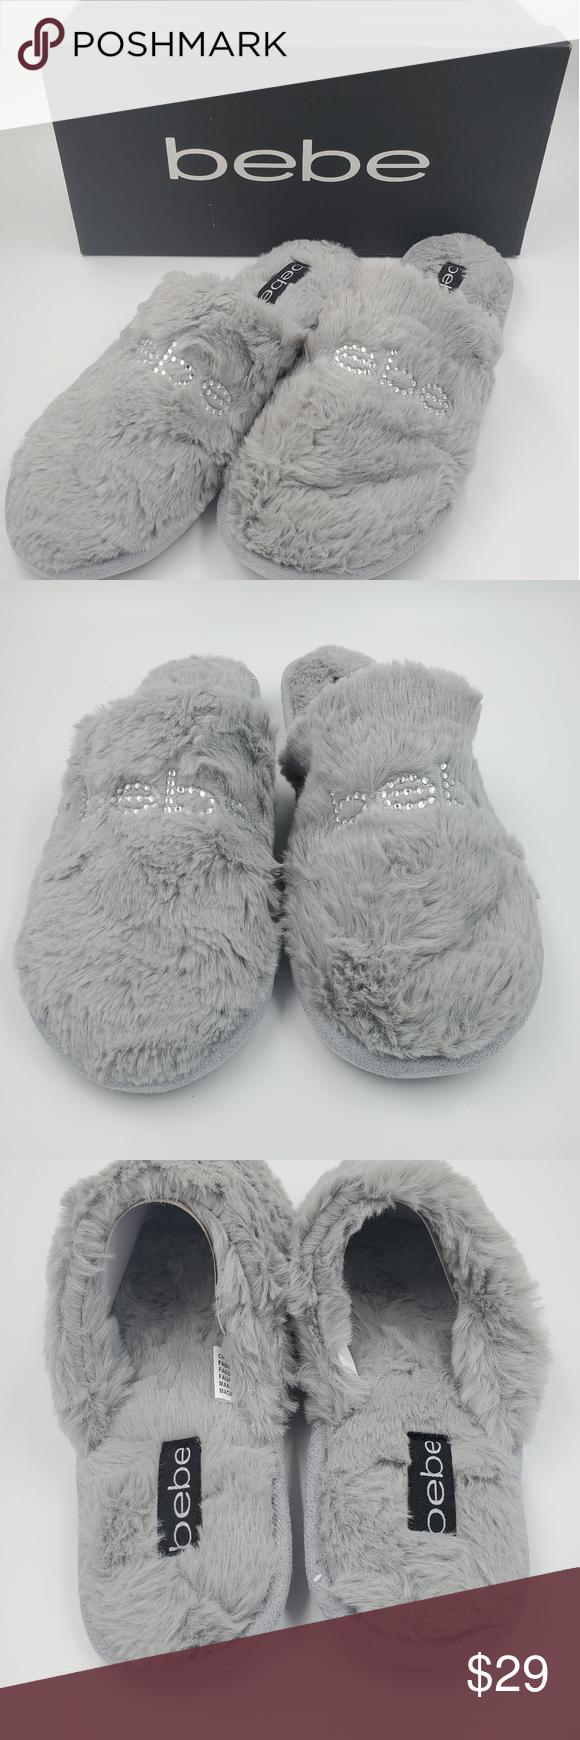 💜Bebe Fur Cozy House Slippers Slip Ons